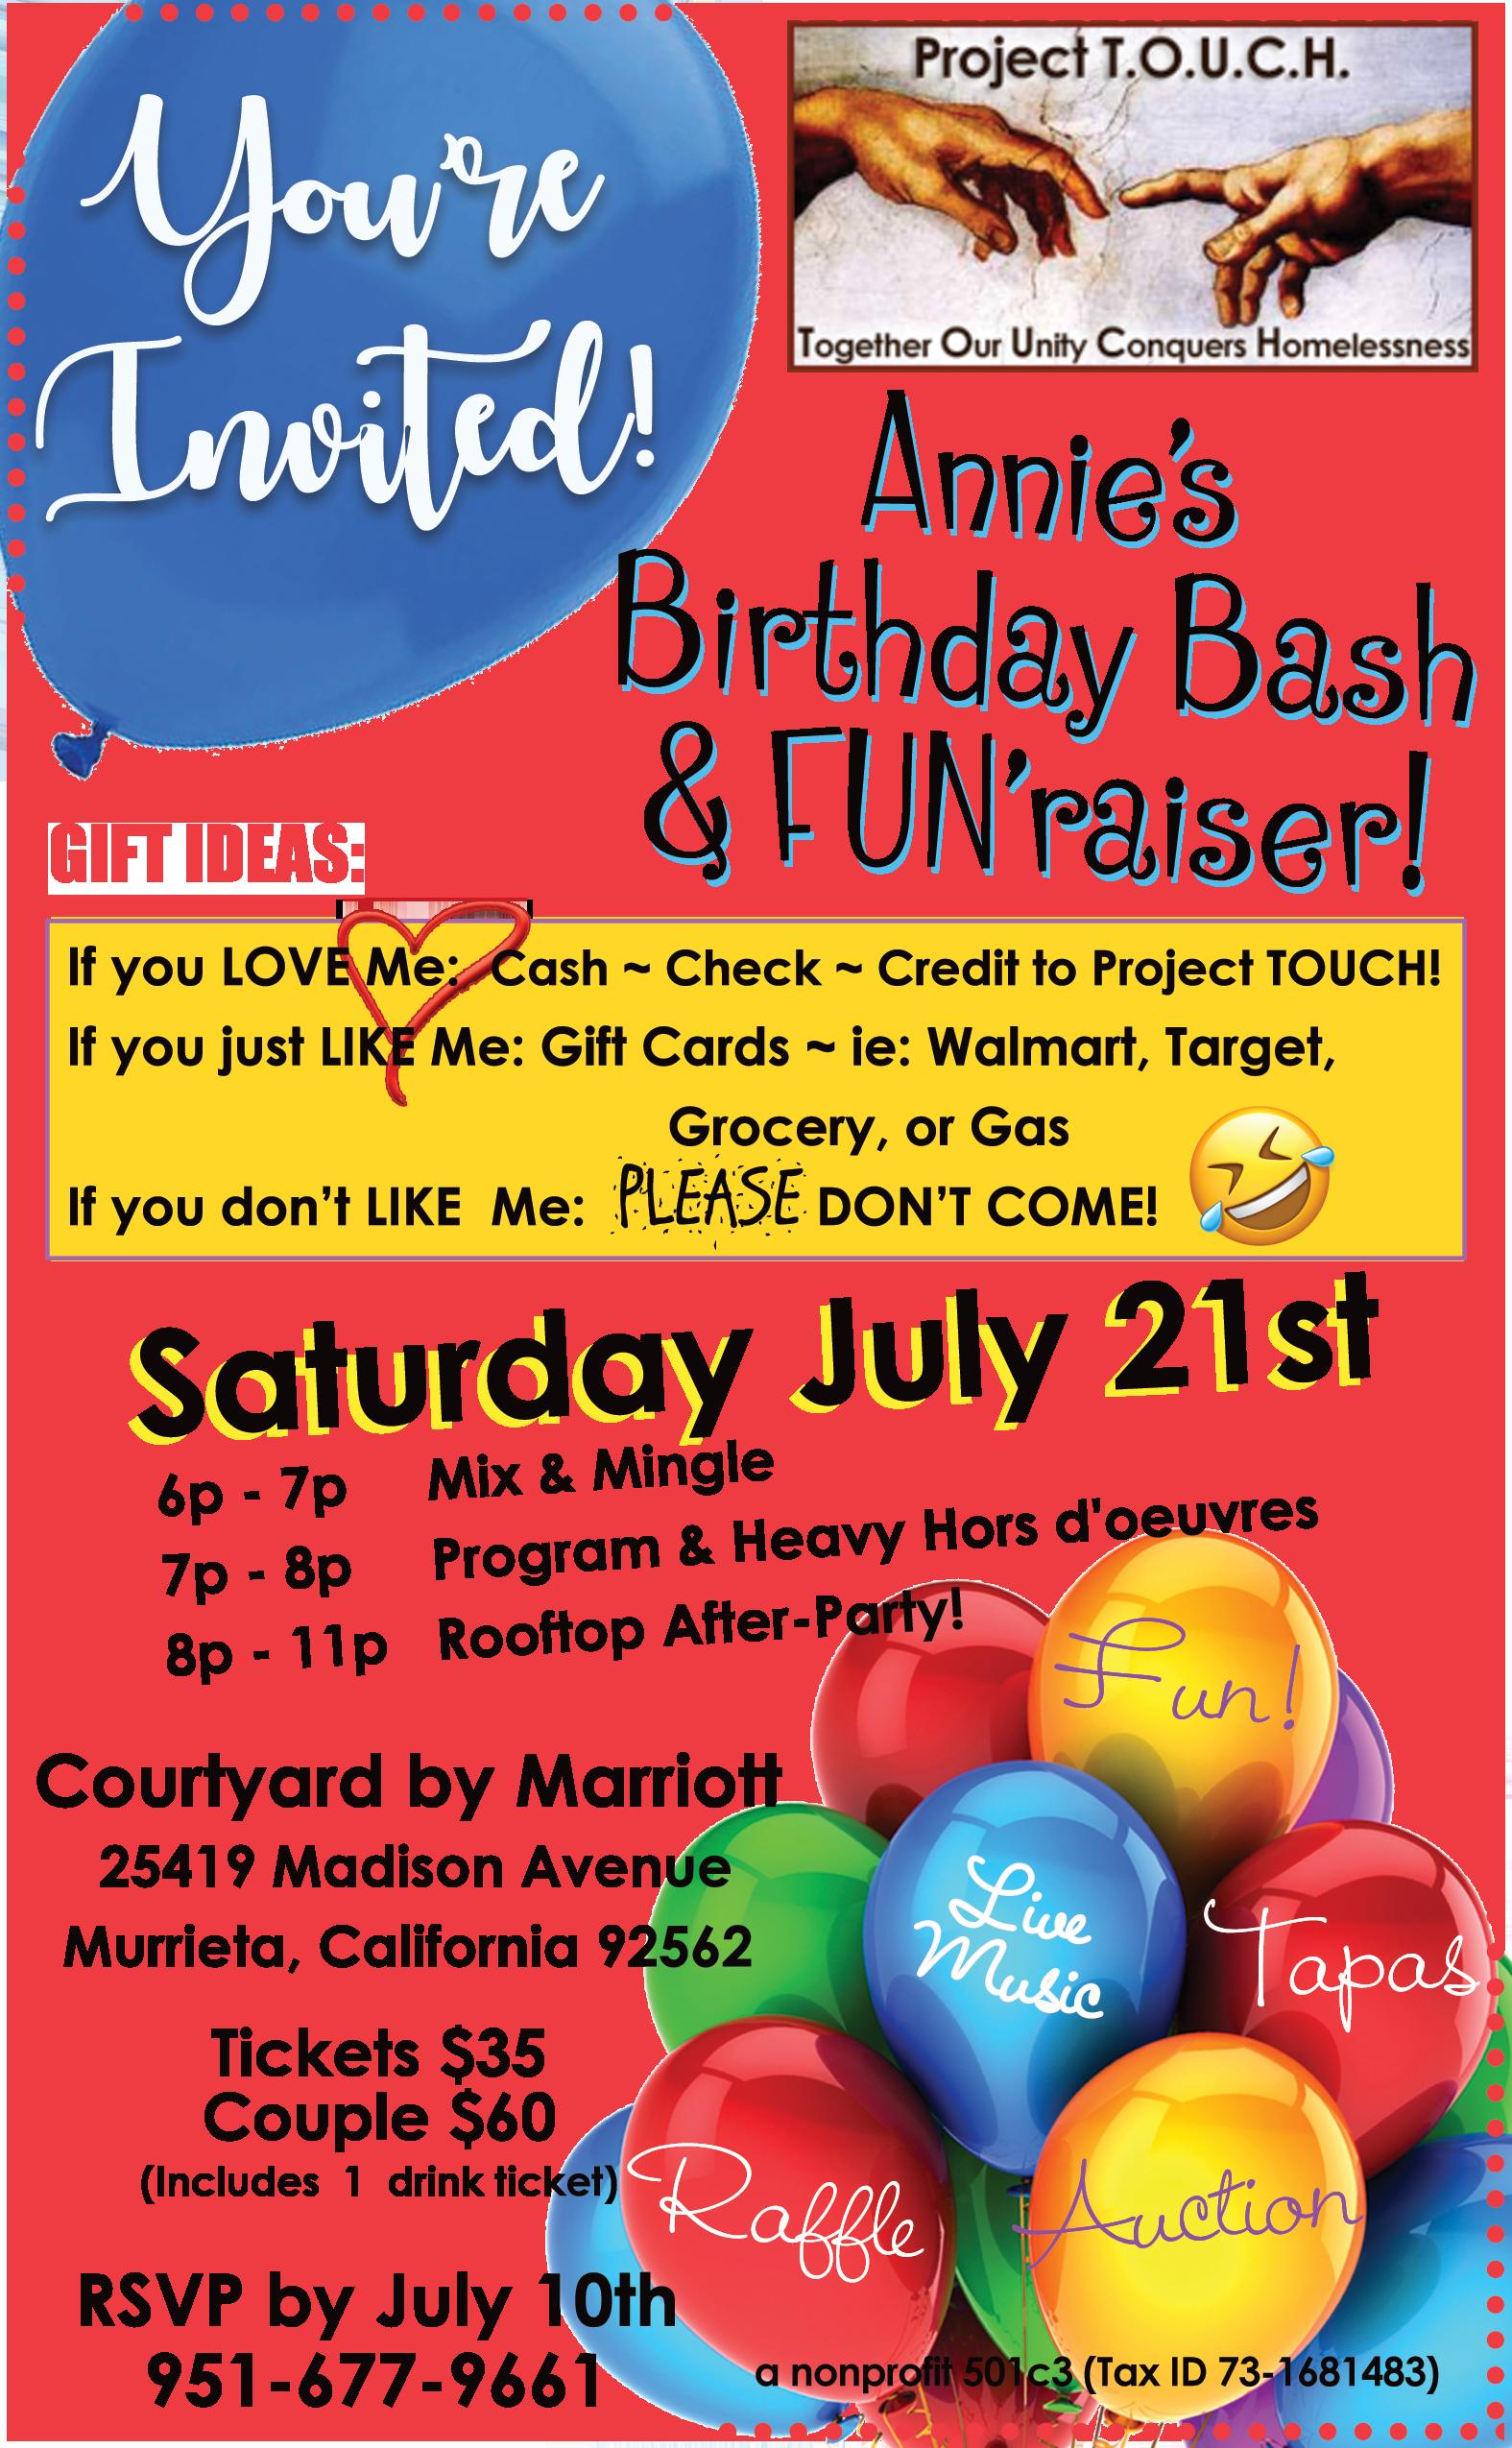 Annie's Birthday Bash image